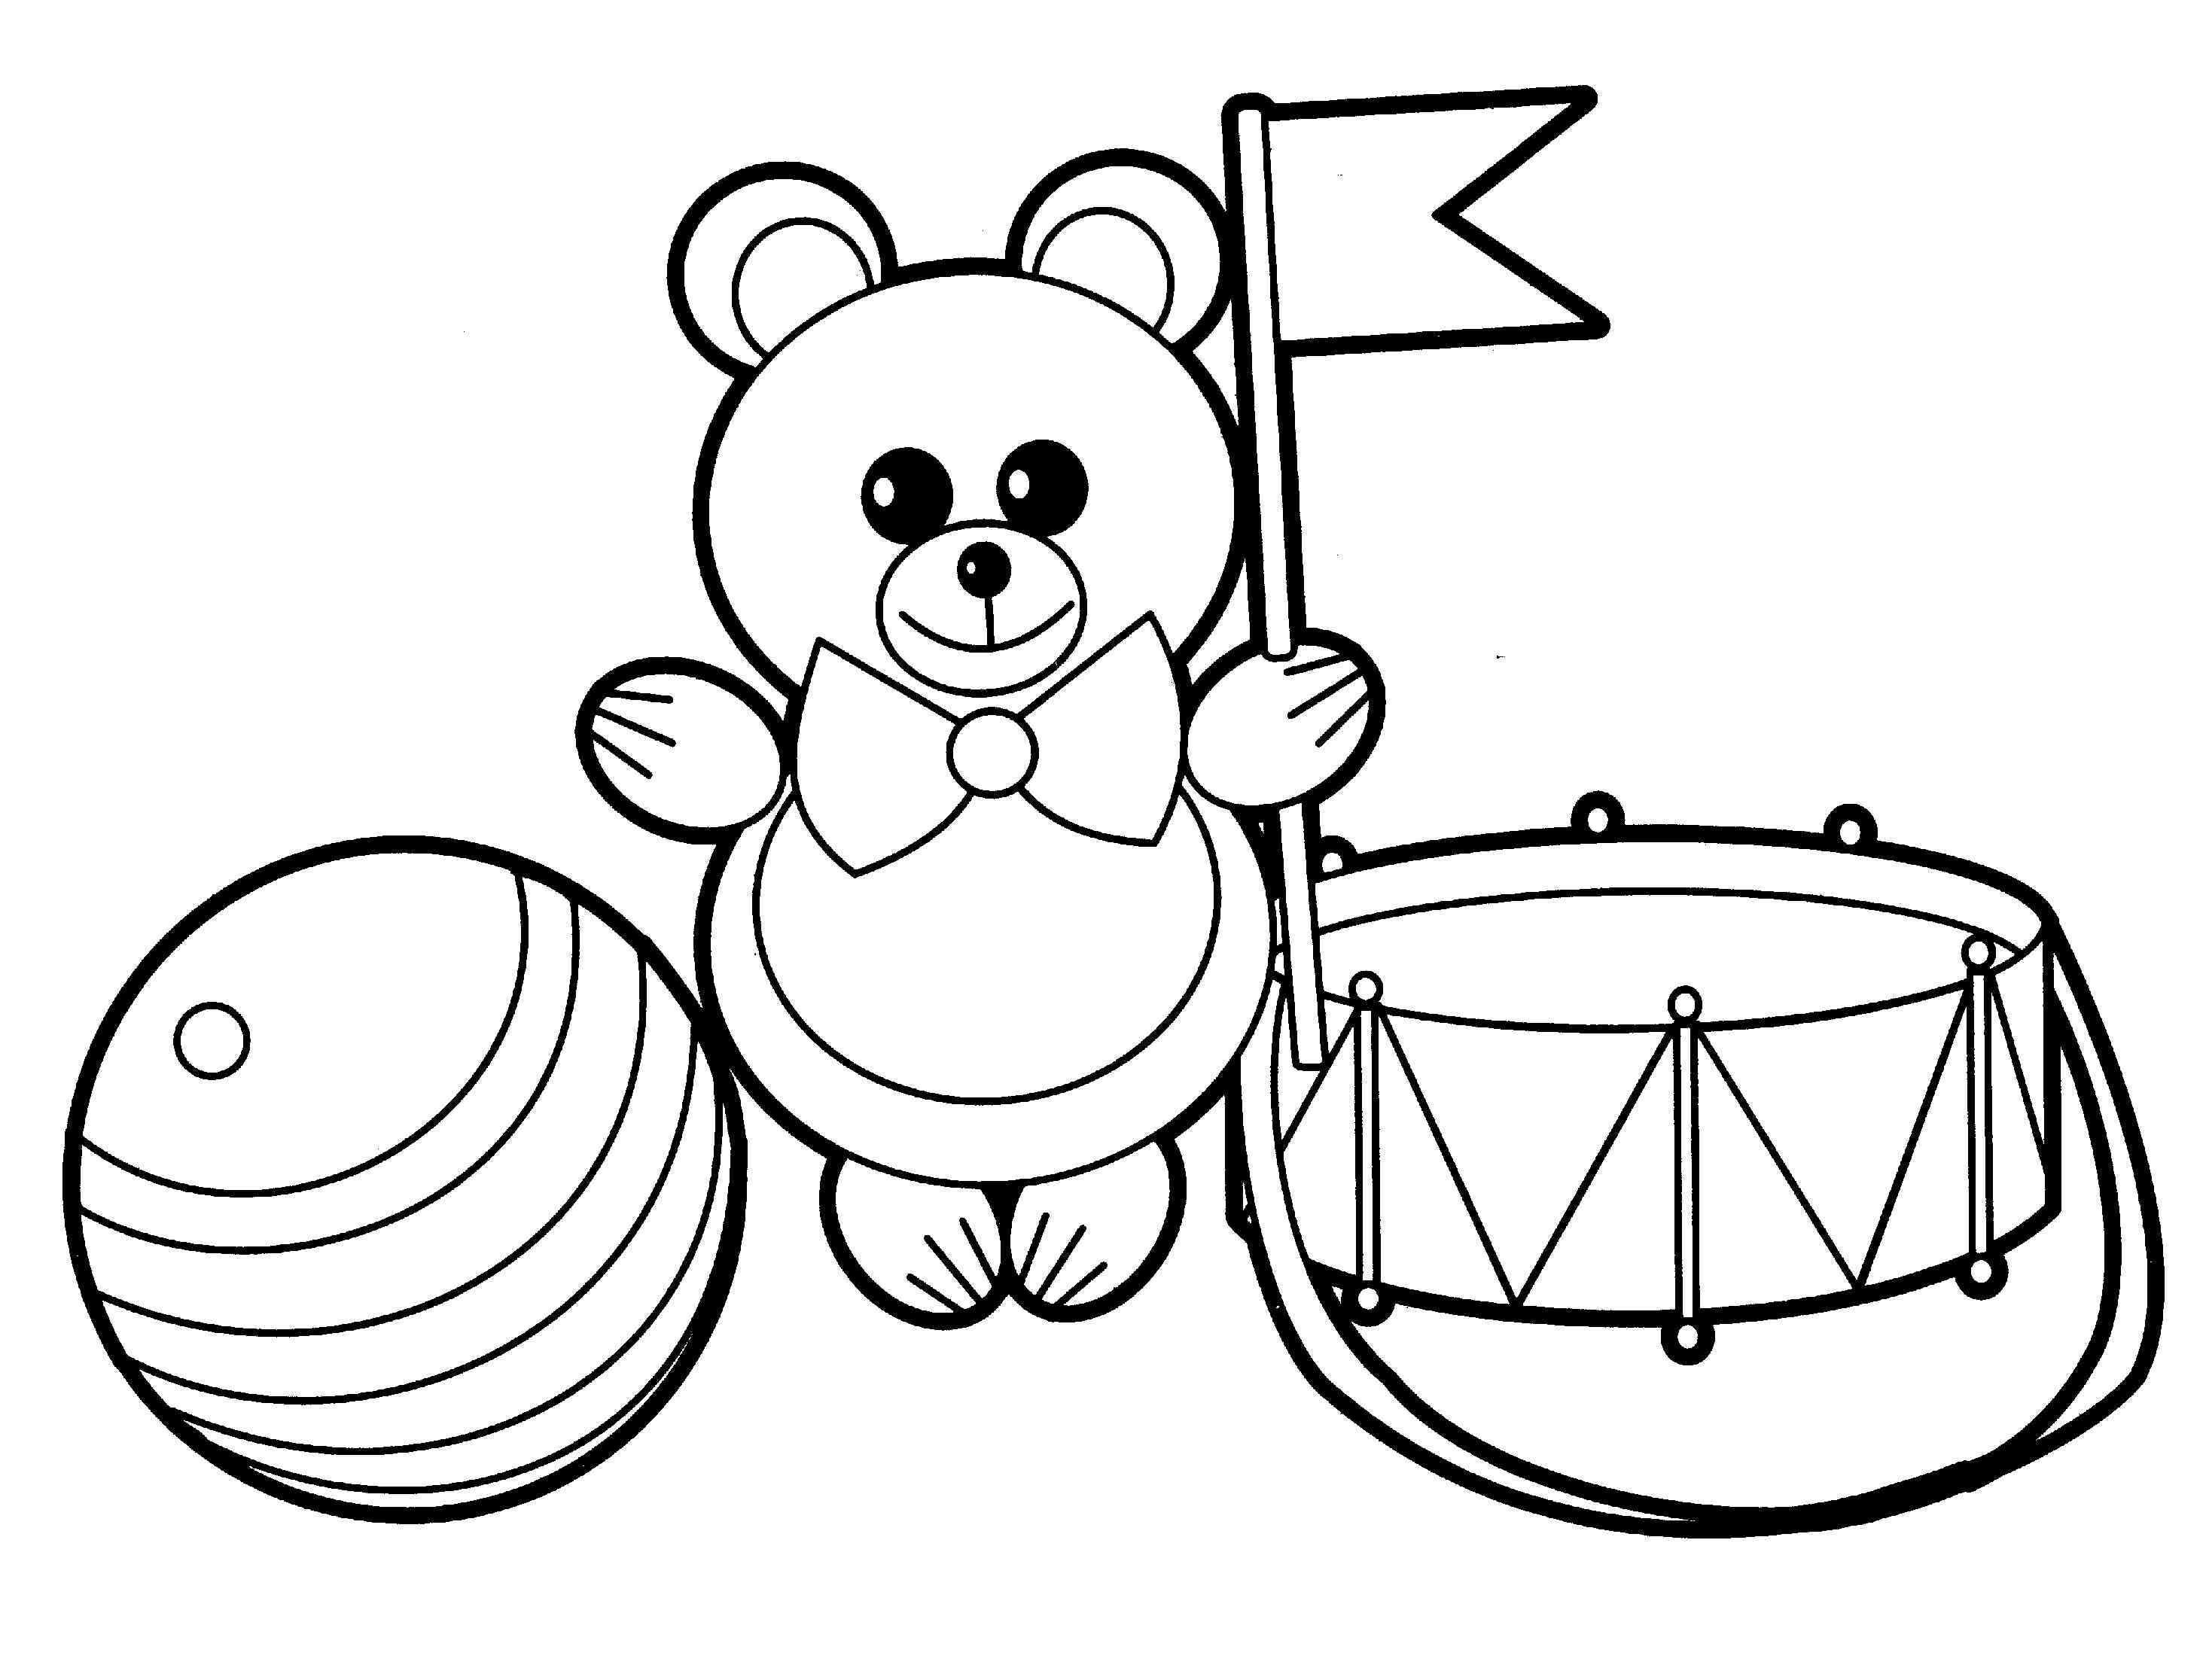 Раскраски игрушки для детей - 1